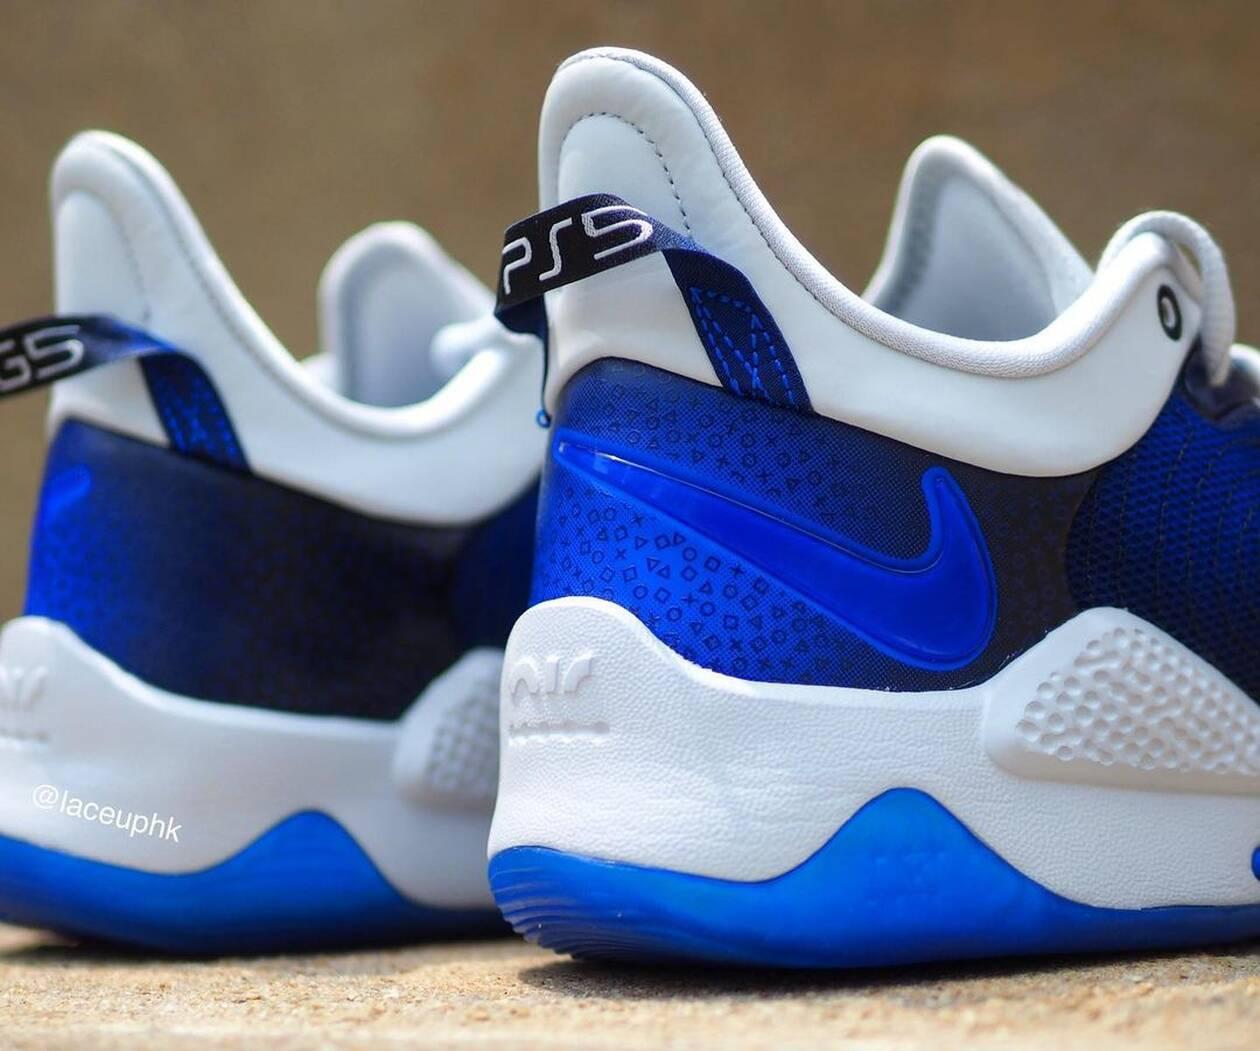 Έρχονται τα παπούτσια του... Playstation 5! (photos)